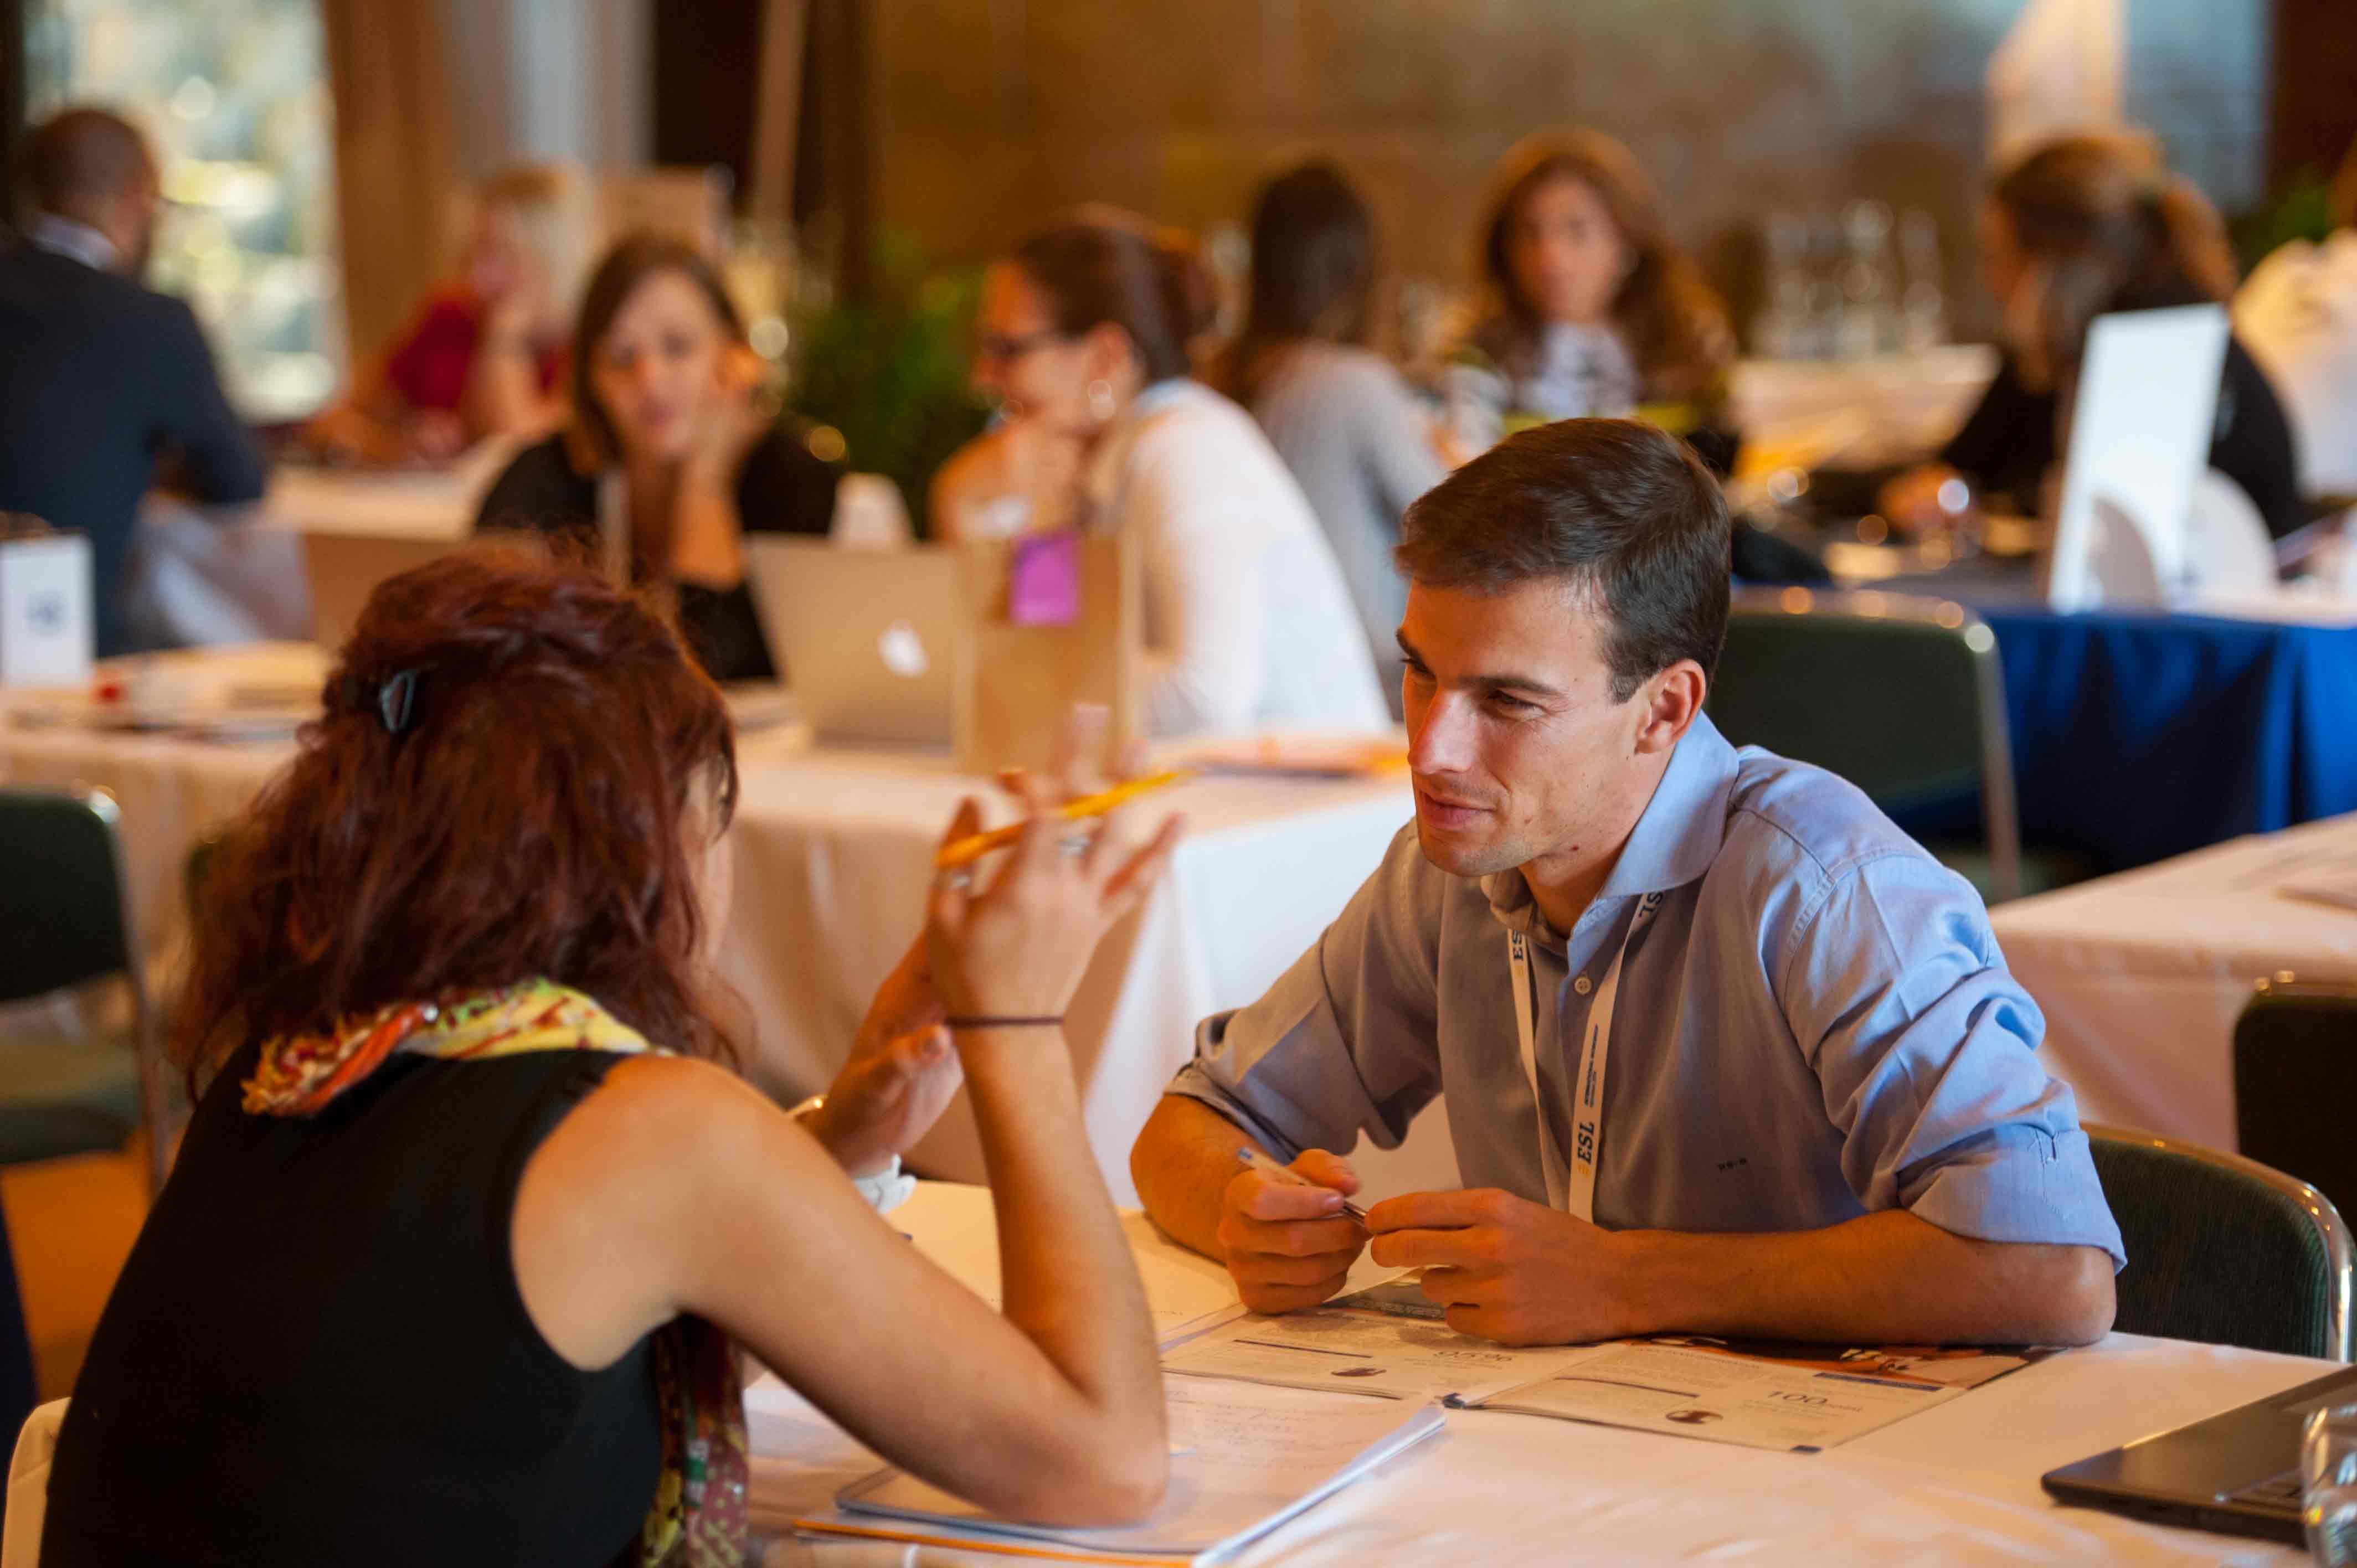 19 workshop esl soggiorni linguistici for Esl soggiorni linguistici